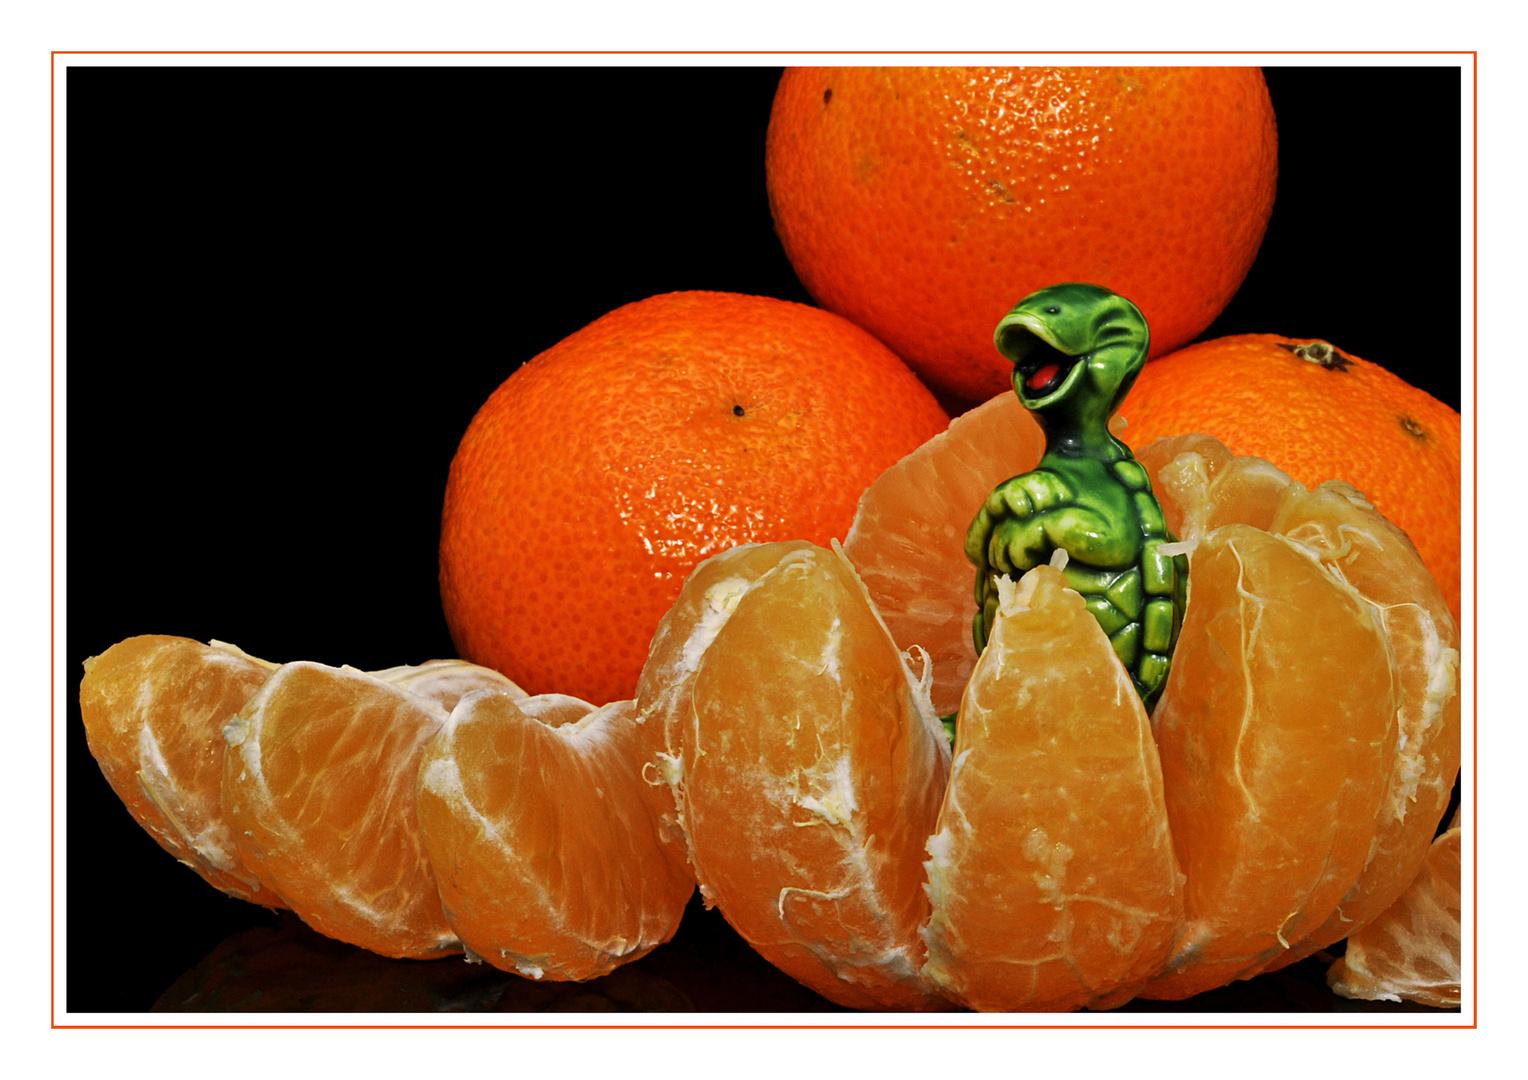 Davon bekommt man bestimmt Orangenhaut *